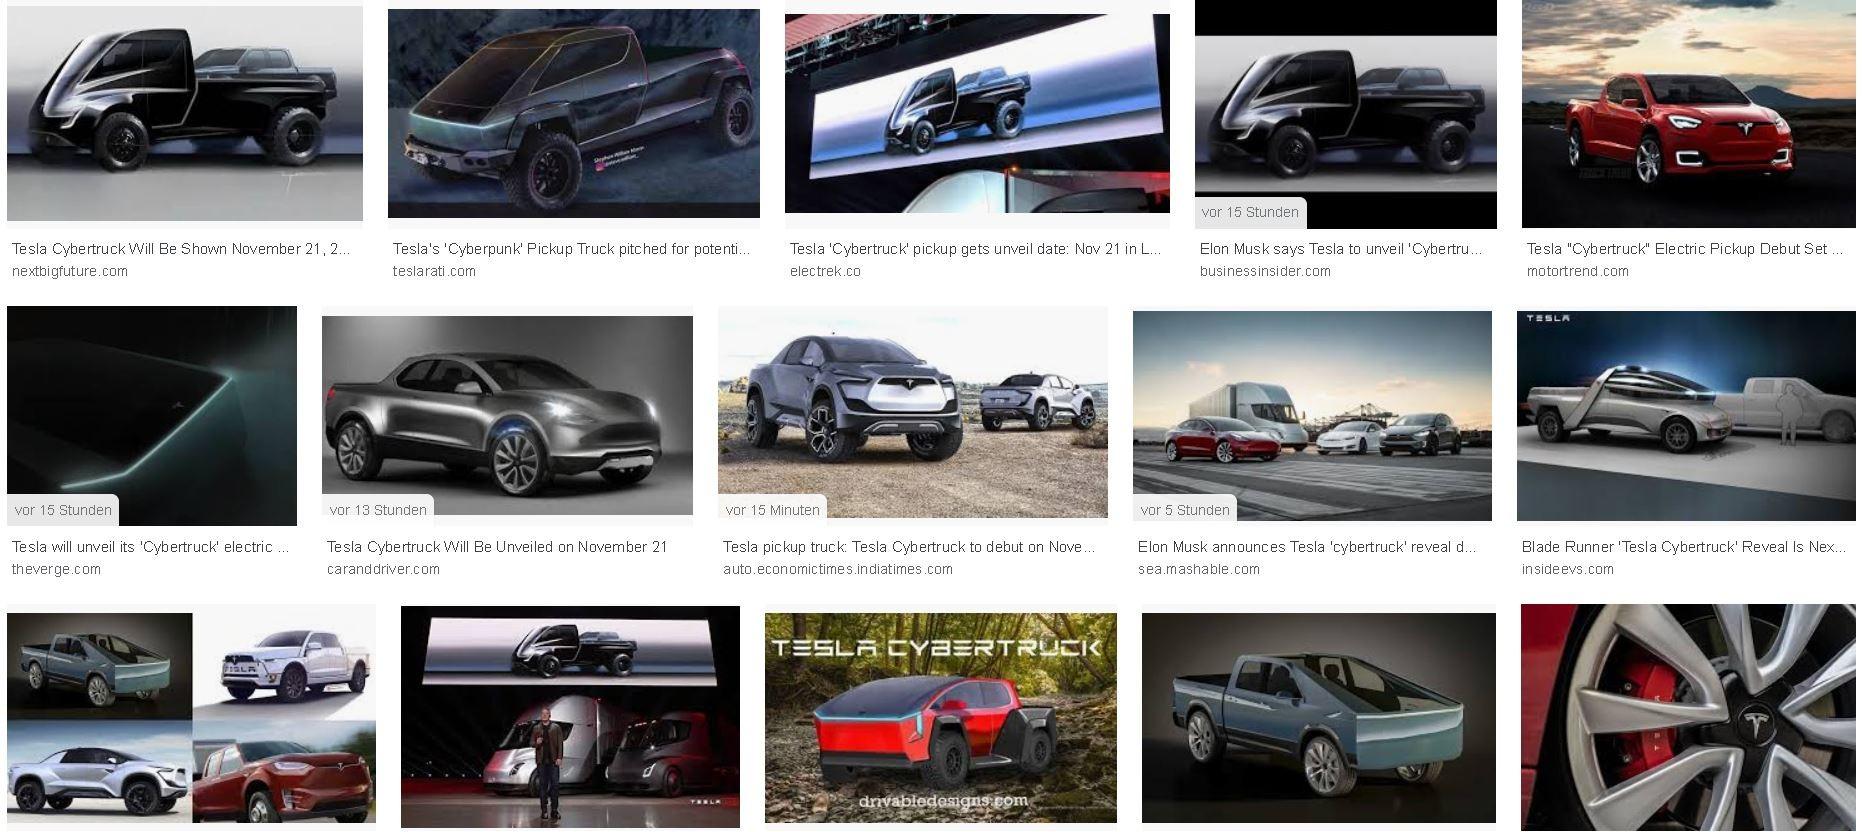 Tesla Cybertruck: im Internet kursieren zahlreiche Spekulationen über das Design